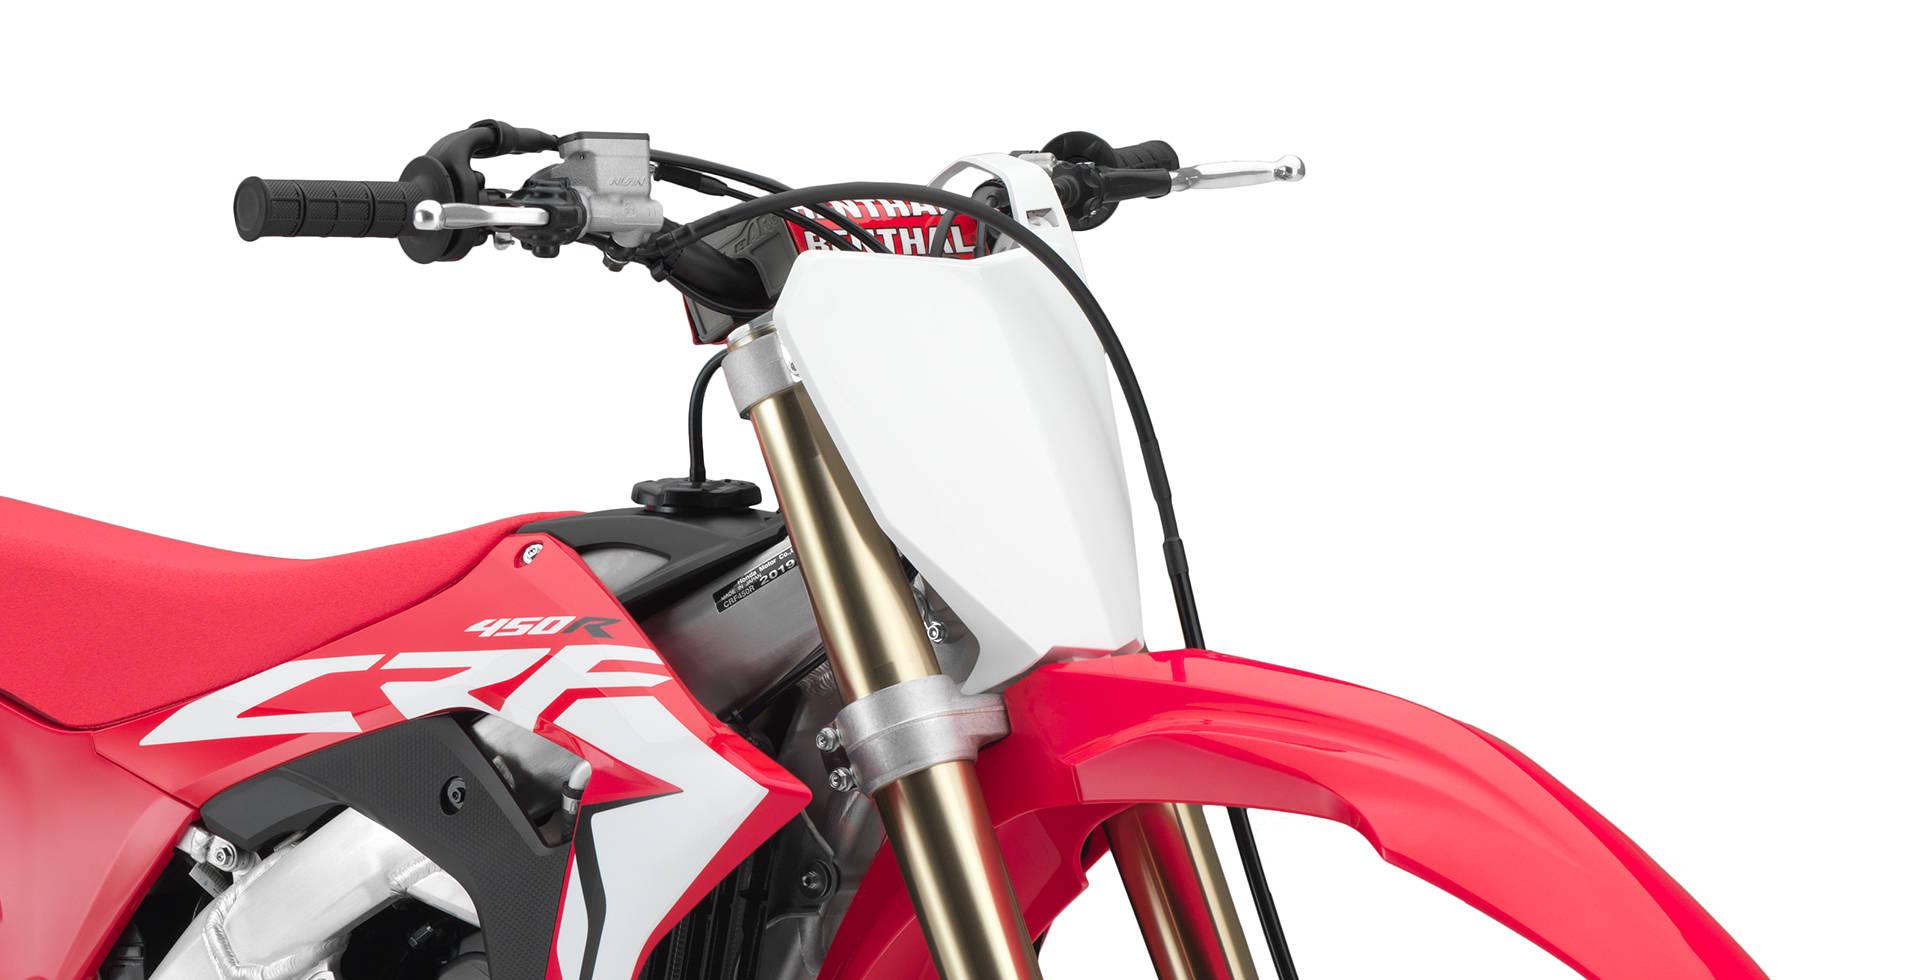 Itens de série Honda CRF 450R